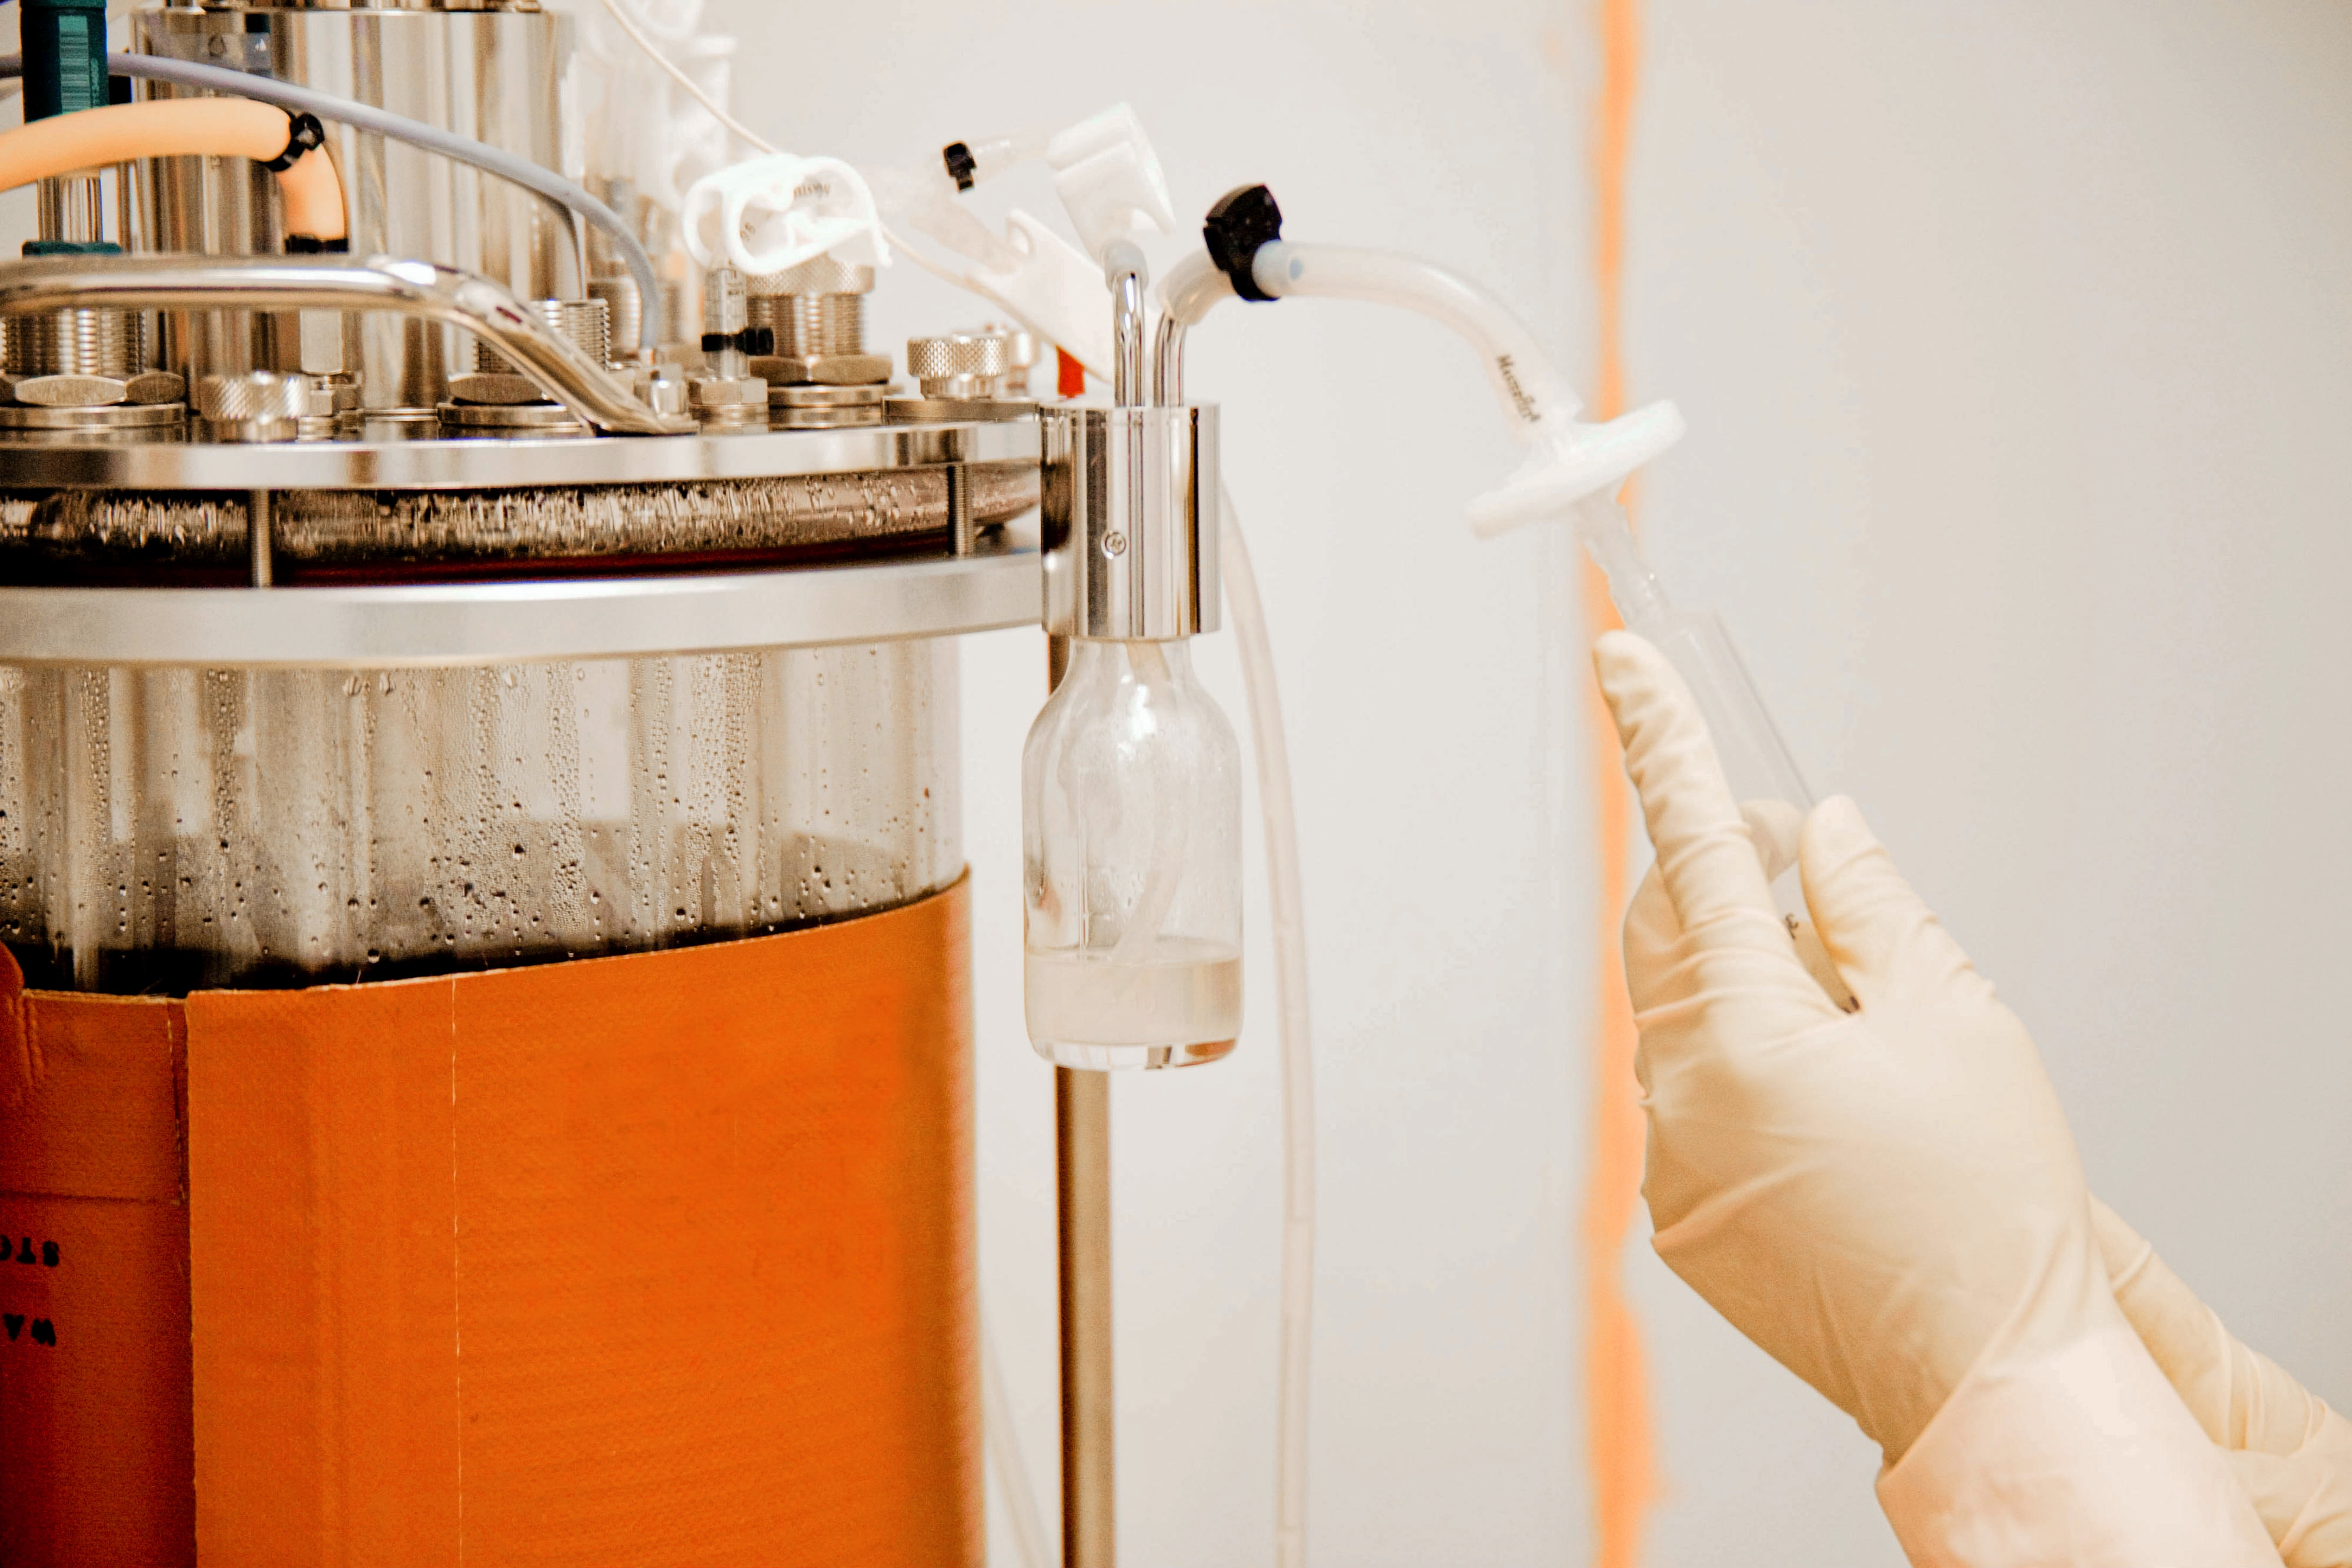 Microbial Fermentation